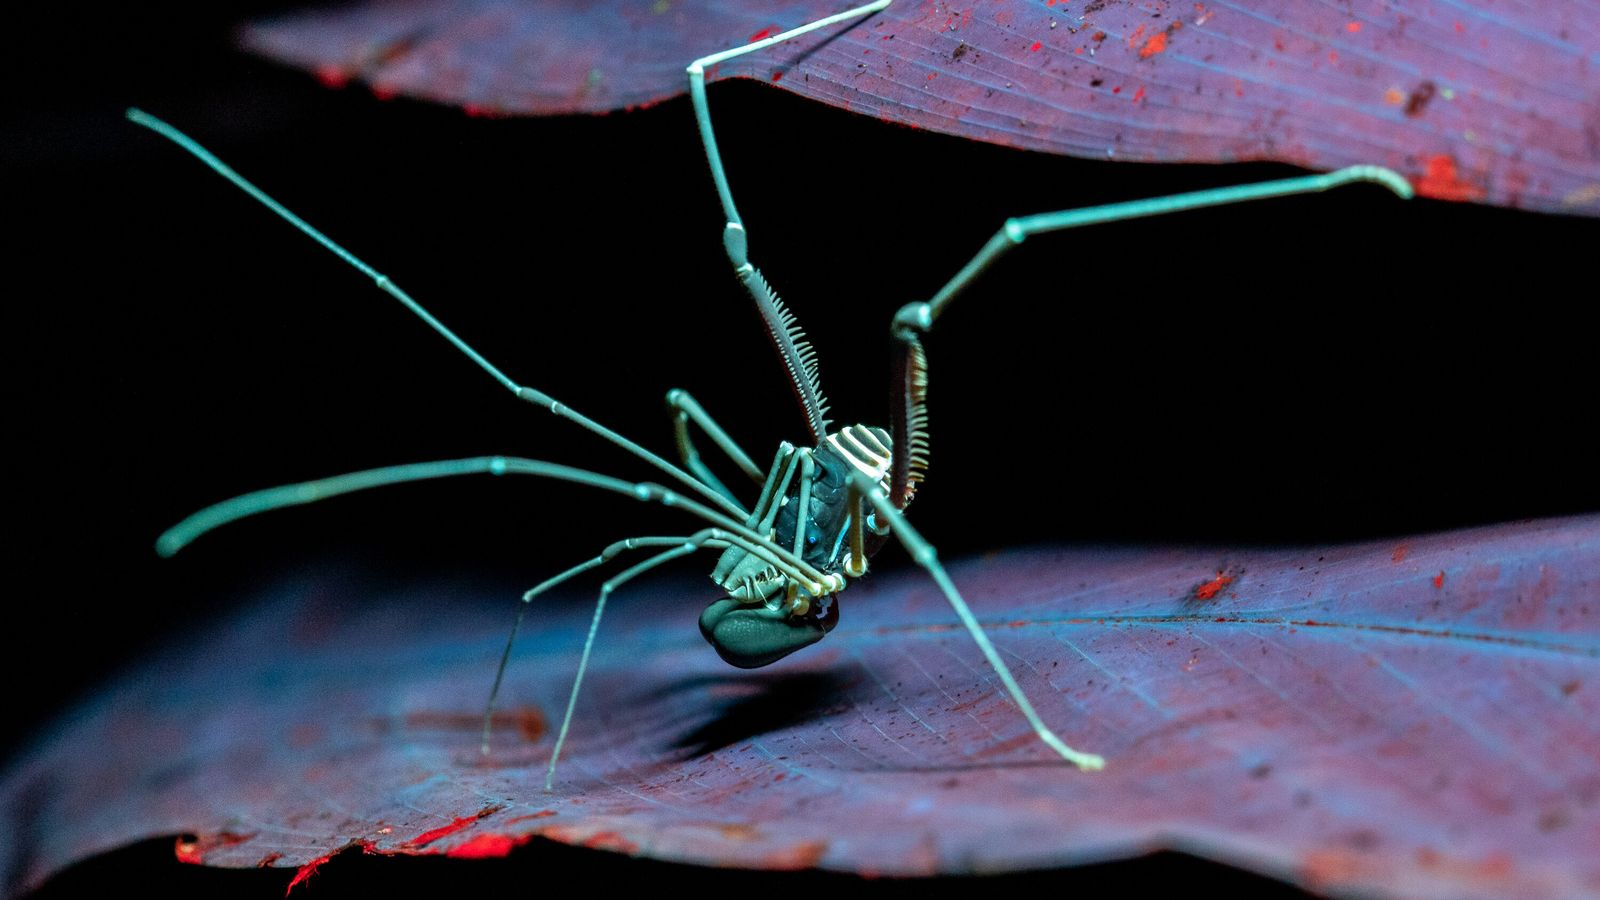 Fotografia ultravioleta revela fluorescência de opilião da família Stygnidae na noite amazônica. A função da fluorescência UV em ...